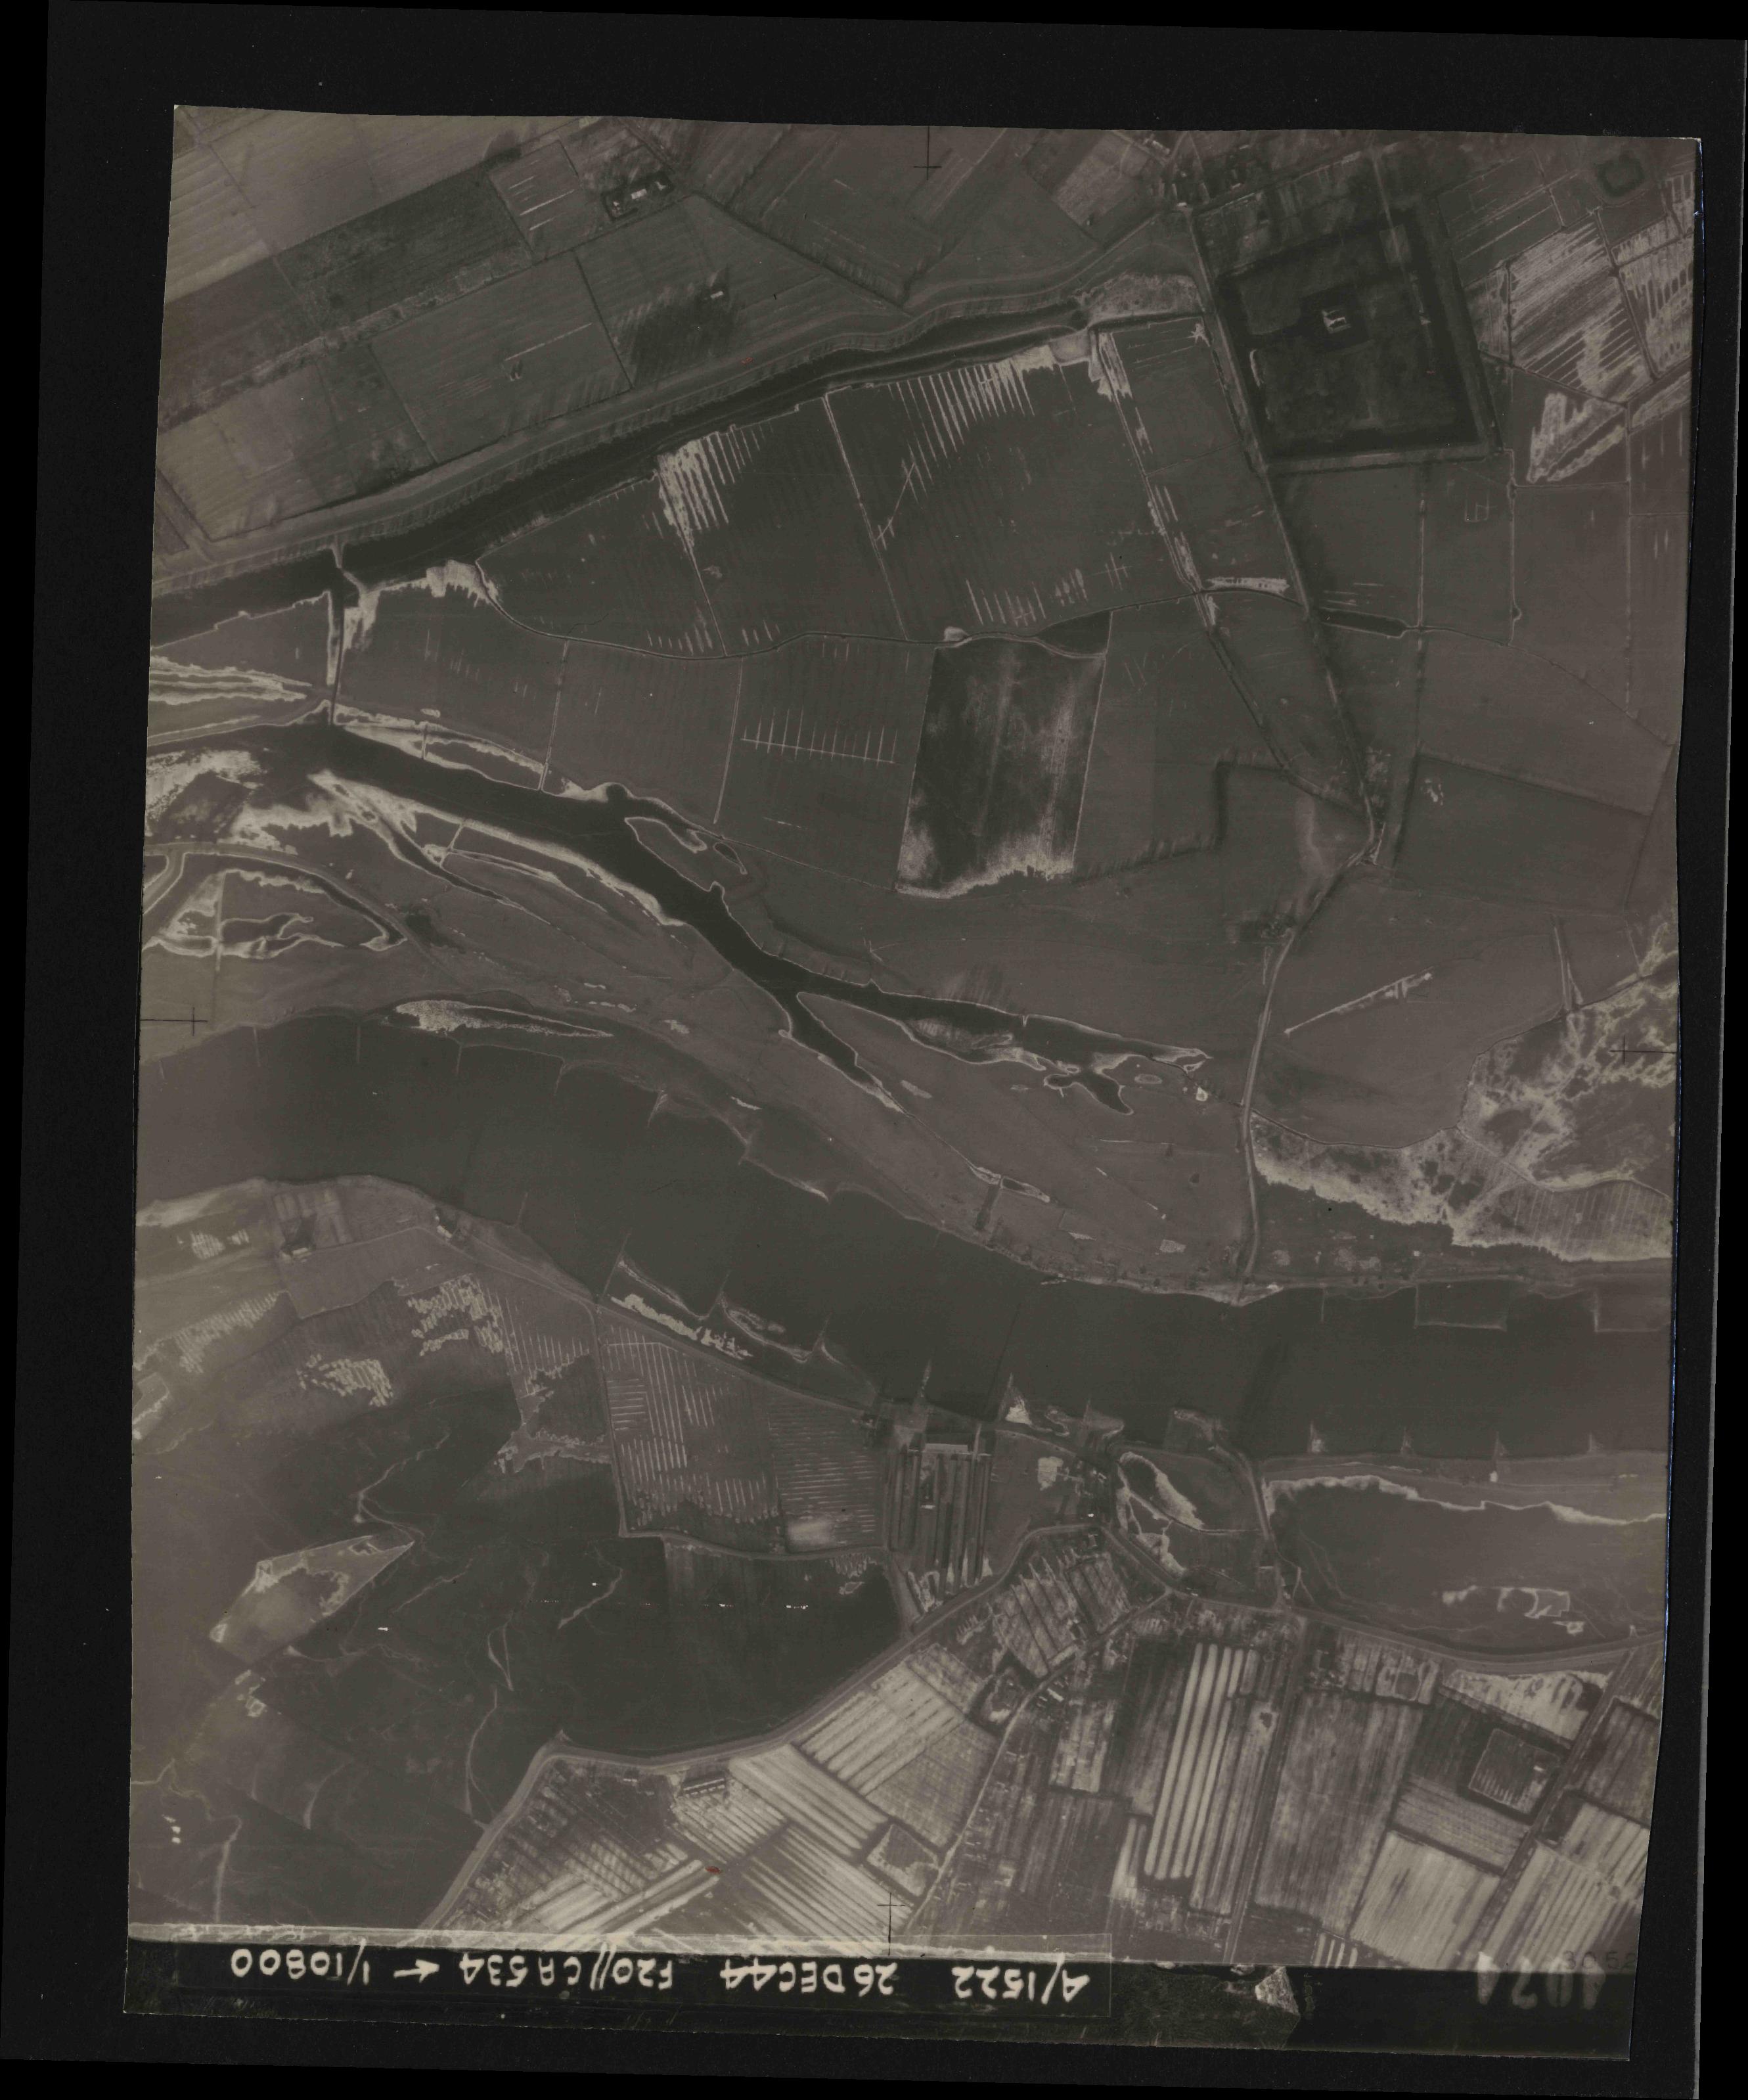 Collection RAF aerial photos 1940-1945 - flight 181, run 07, photo 4074